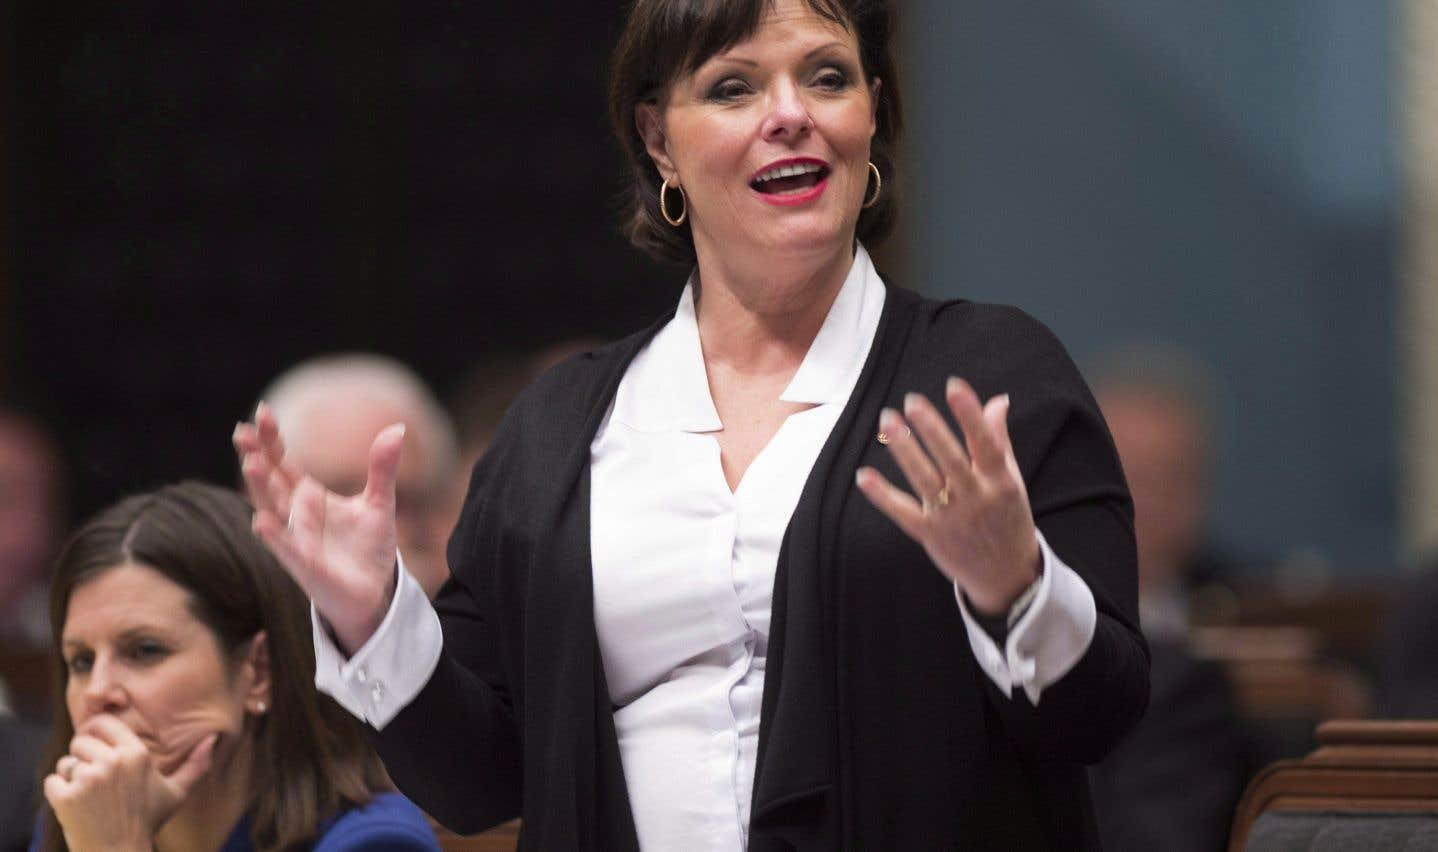 Tabac au théâtre: Québec prône le statu quo